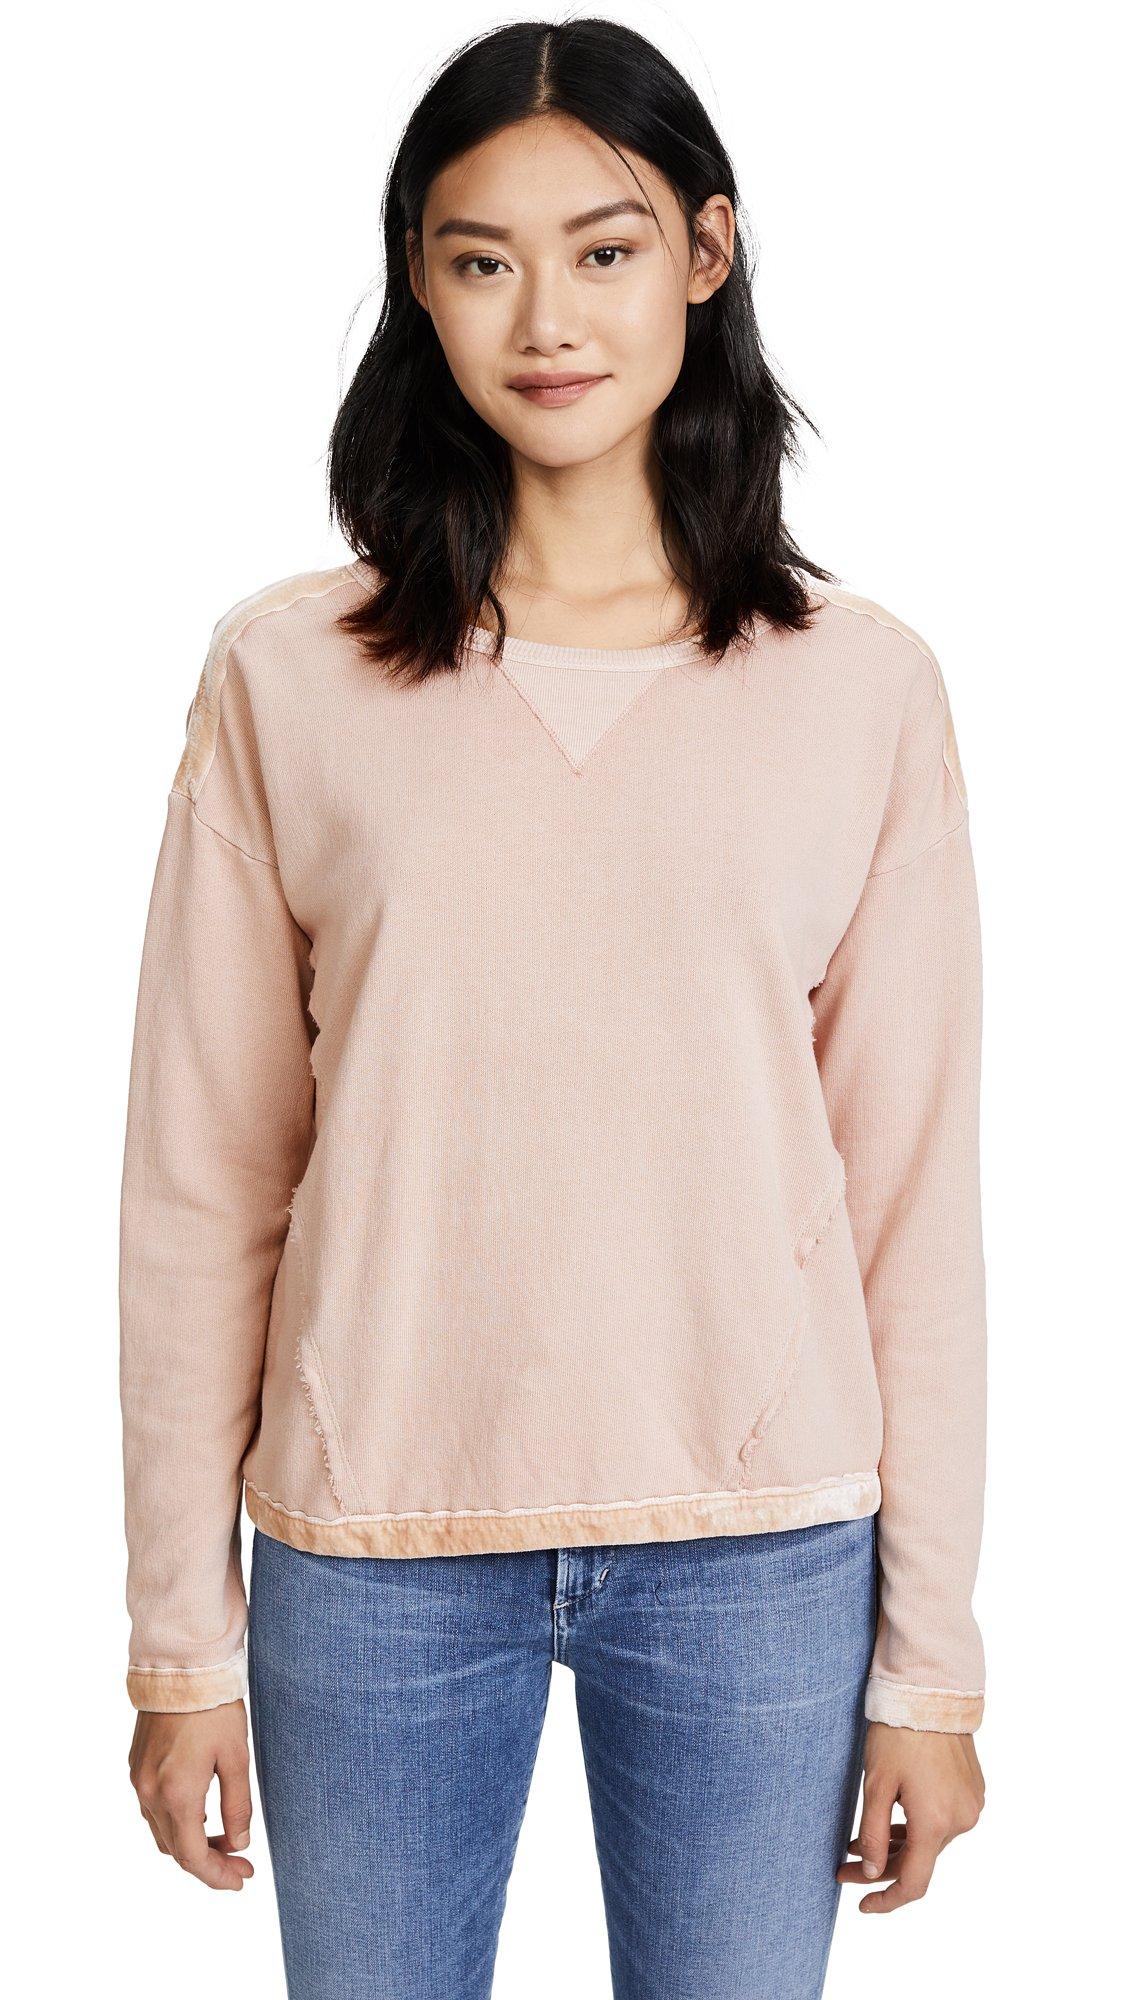 Splendid Women's Velvet Mixed Media Sweatshirt, Vintage Pink/Beige, M